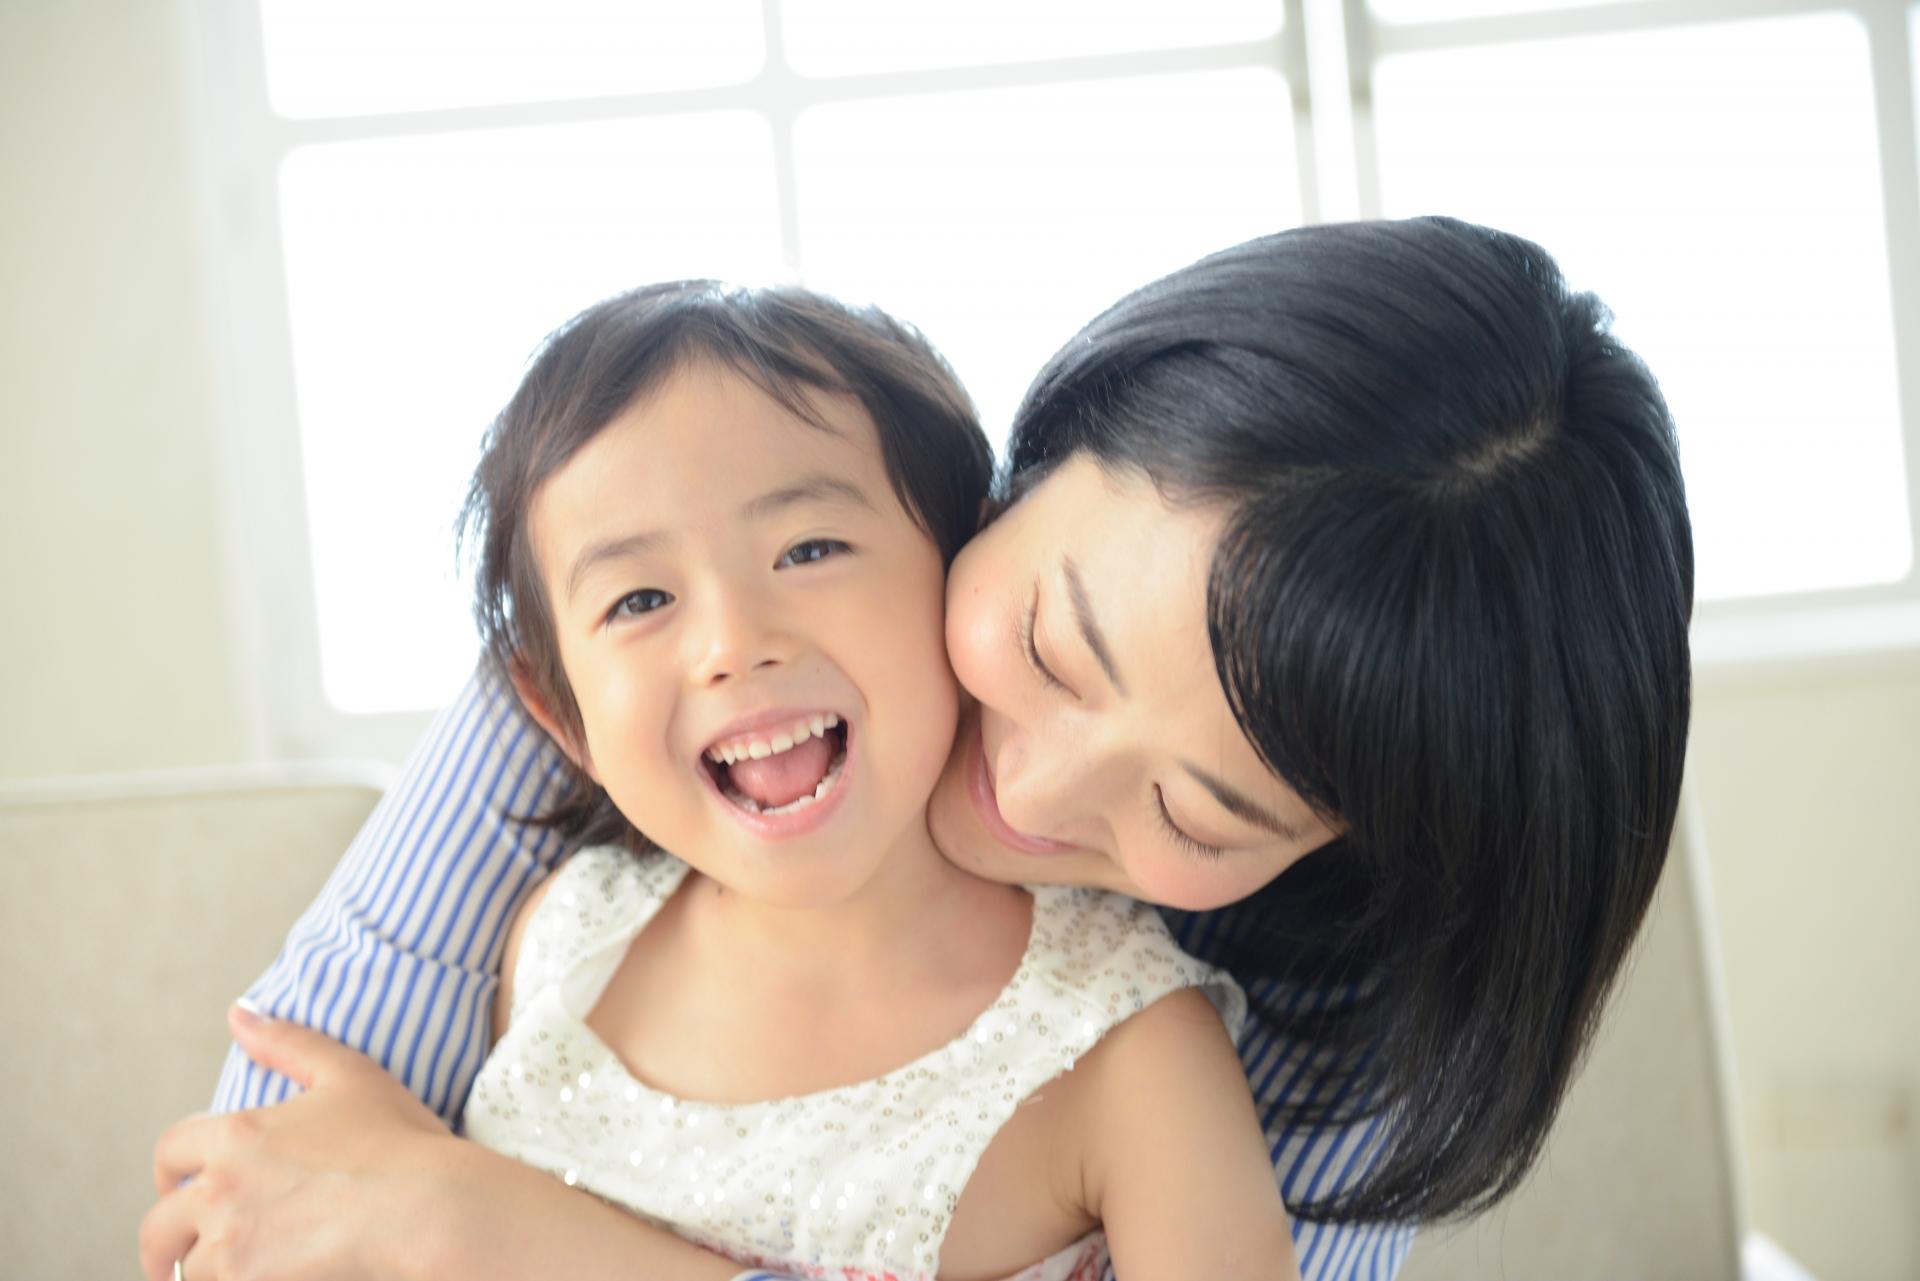 子供が親を必要とする時間なんて人生の中では本当に短いと思う